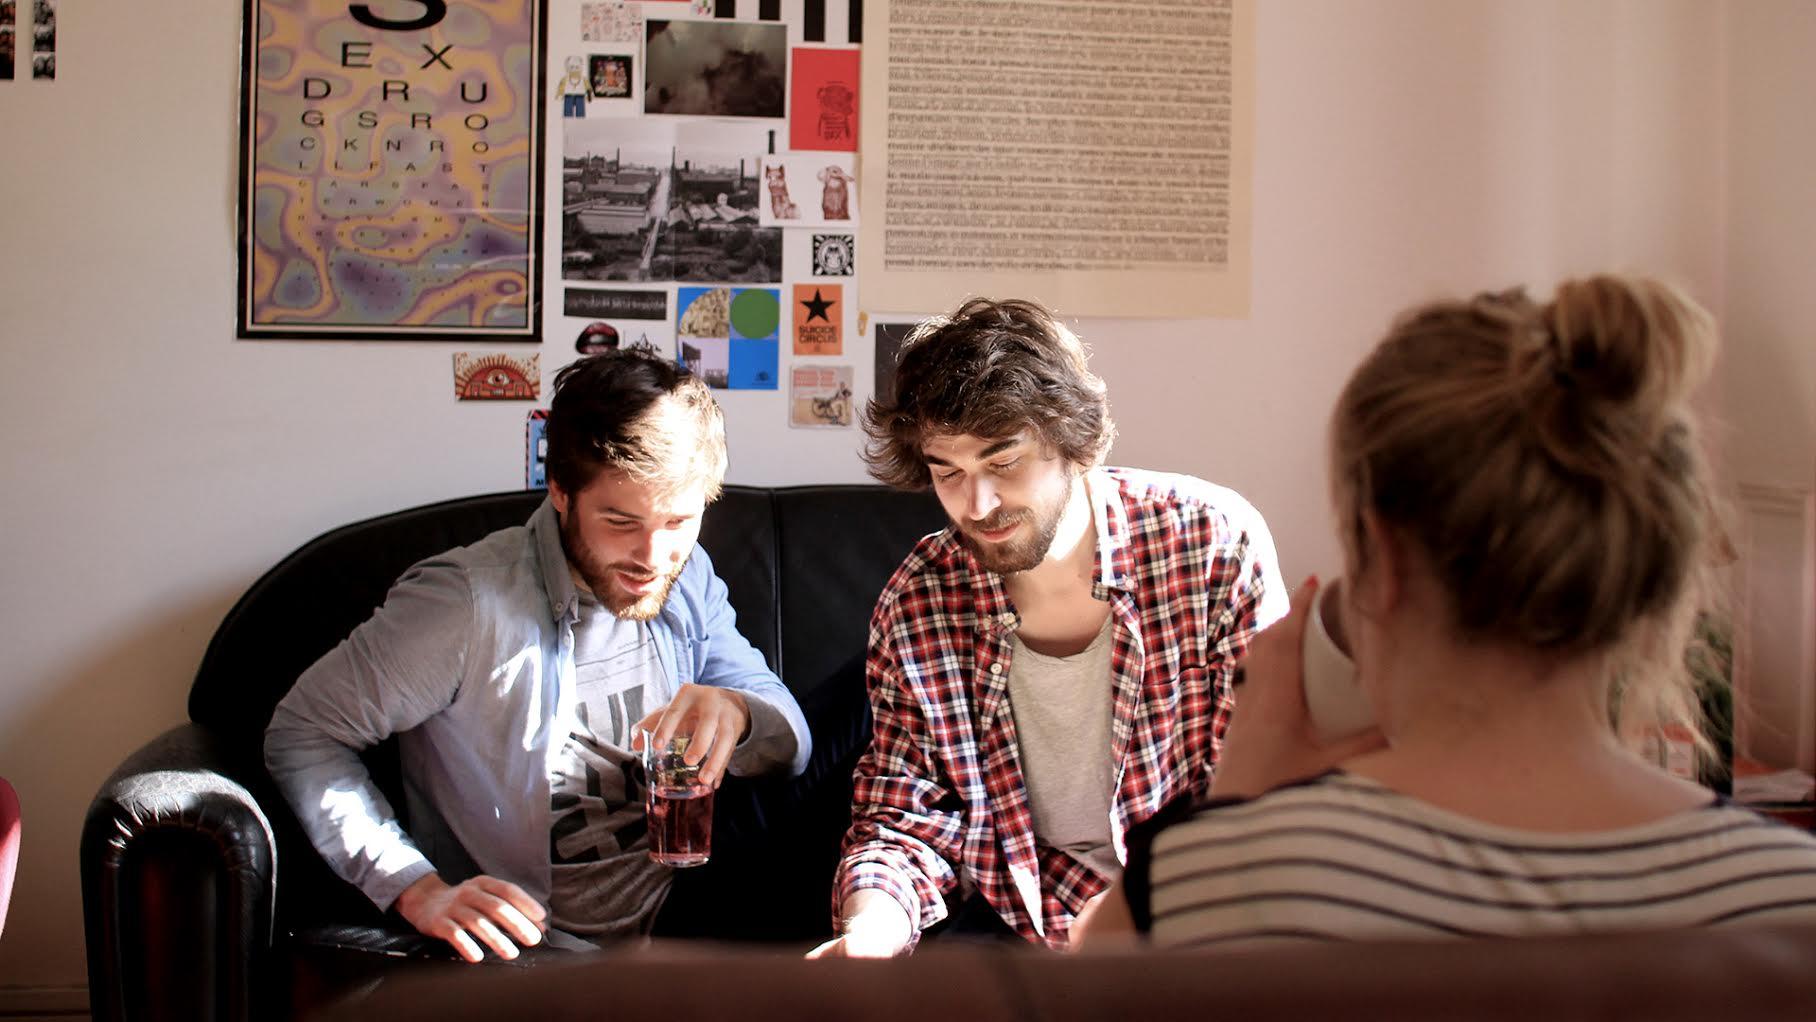 jeunes qui parlent sur un sofa